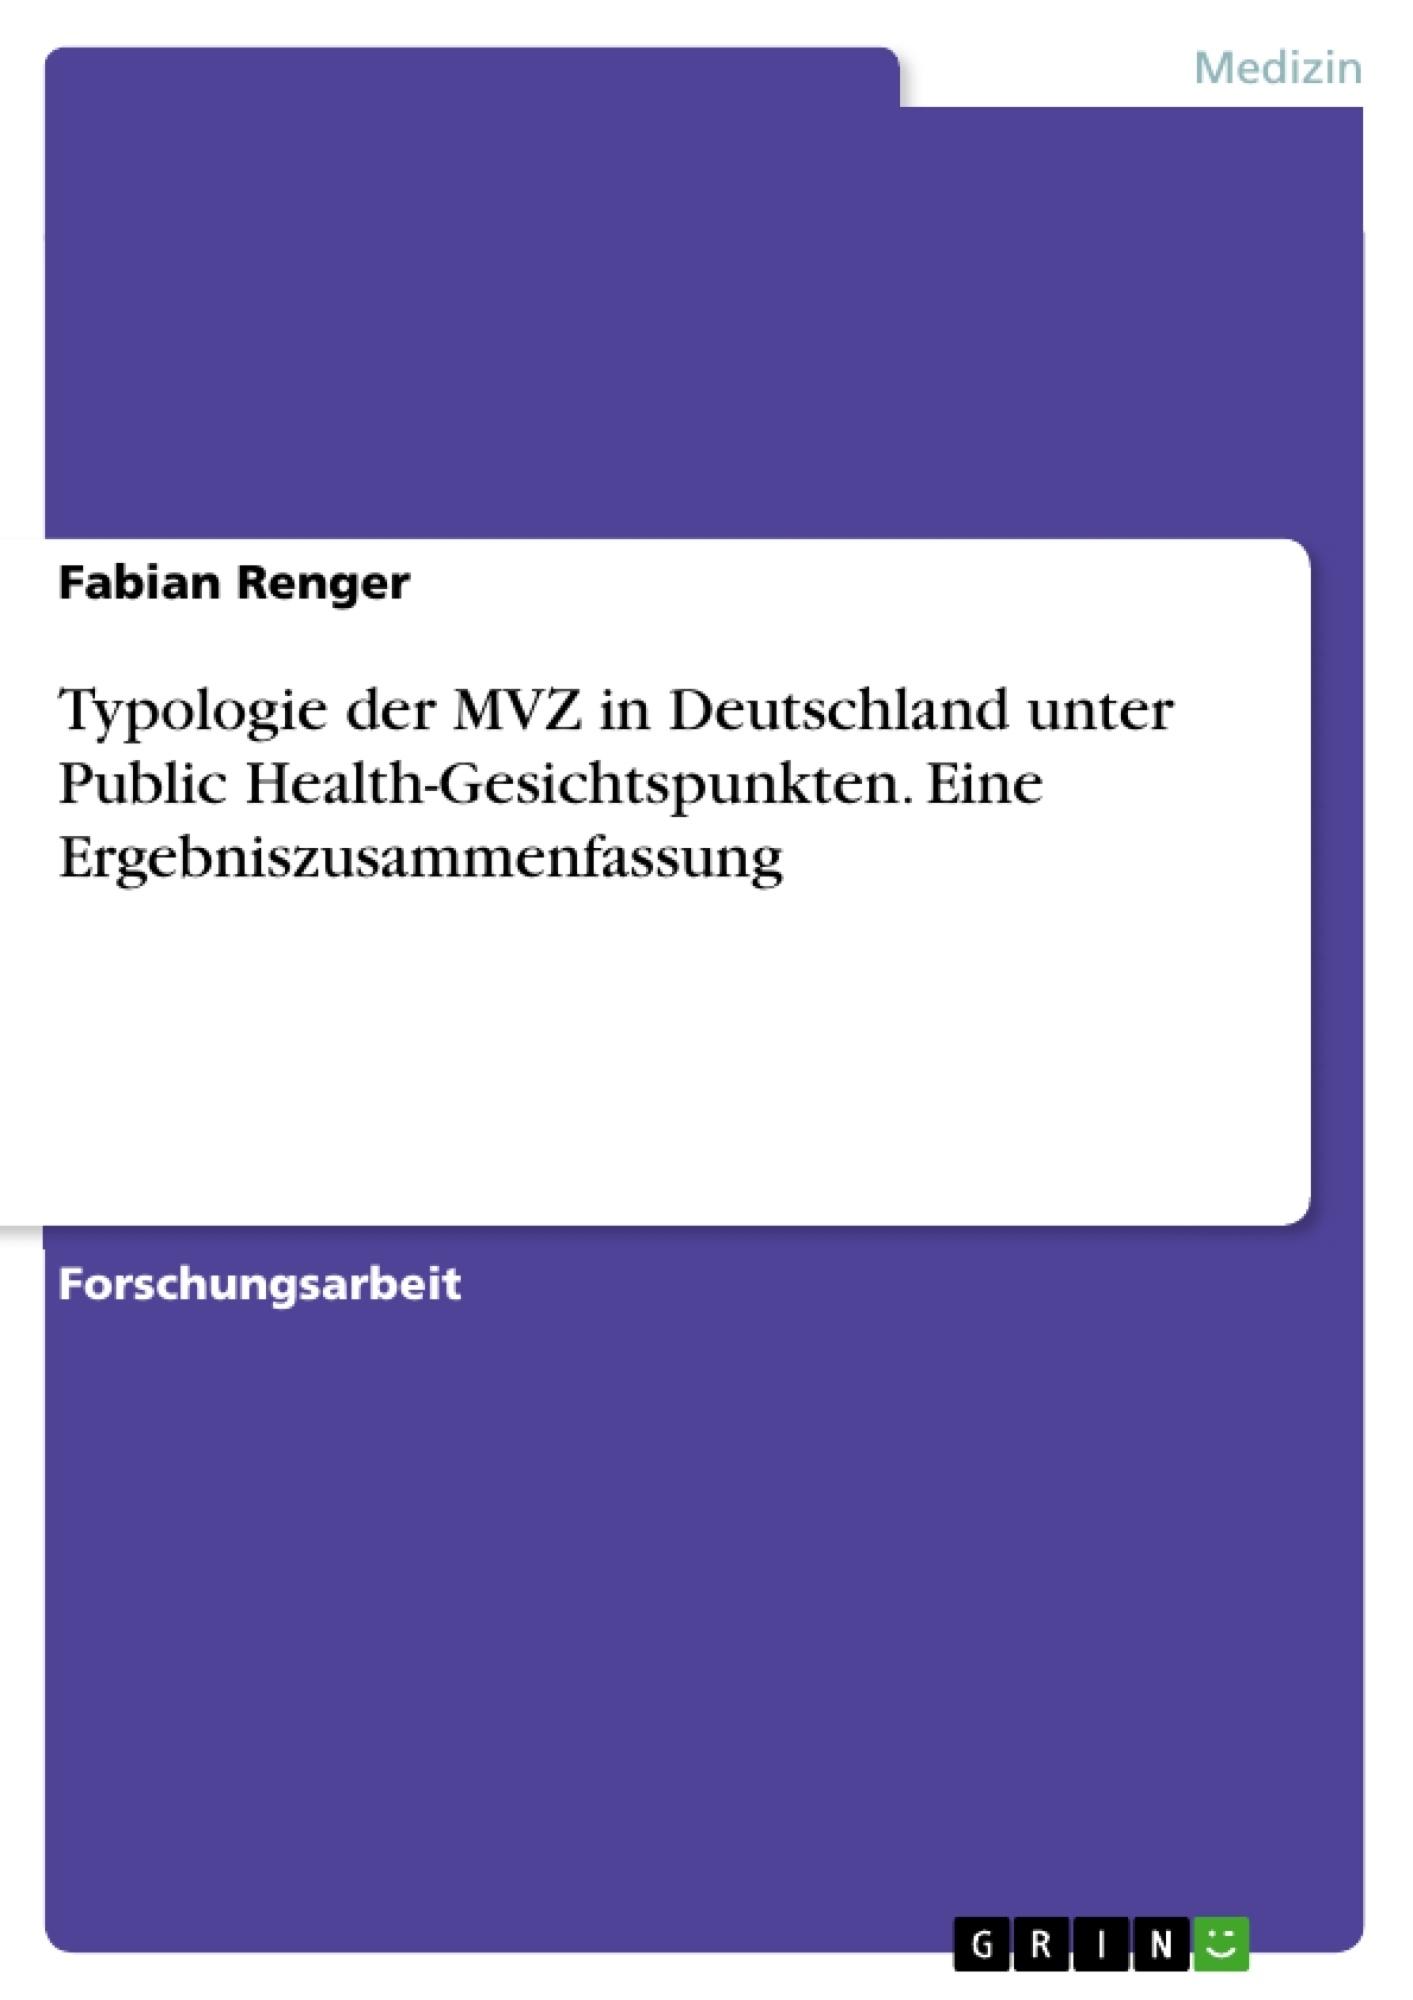 Titel: Typologie der MVZ in Deutschland unter Public Health-Gesichtspunkten. Eine Ergebniszusammenfassung